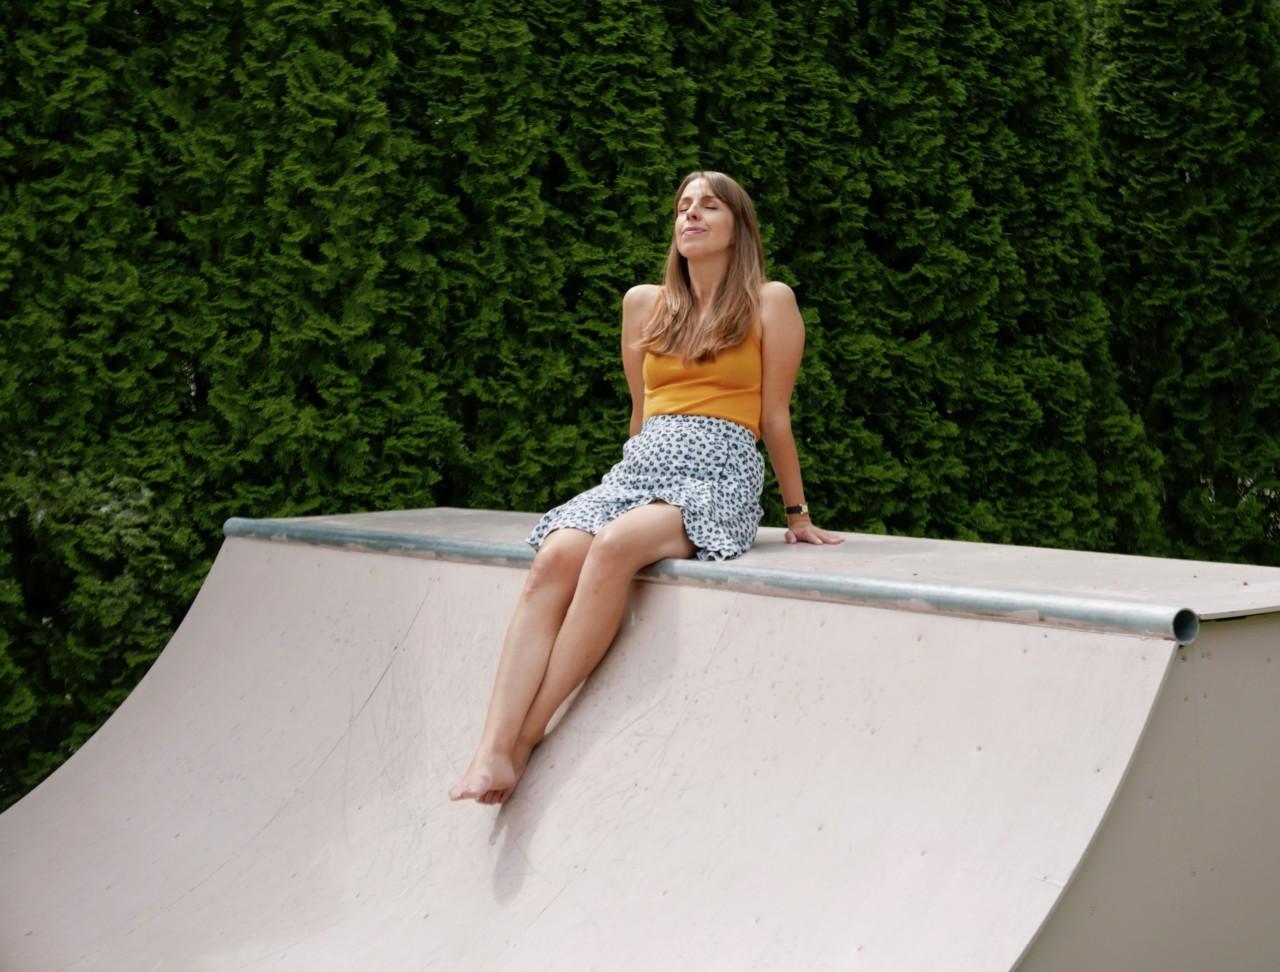 anja-stang-sol-sunbathing-ganni-skaterampe-green-house